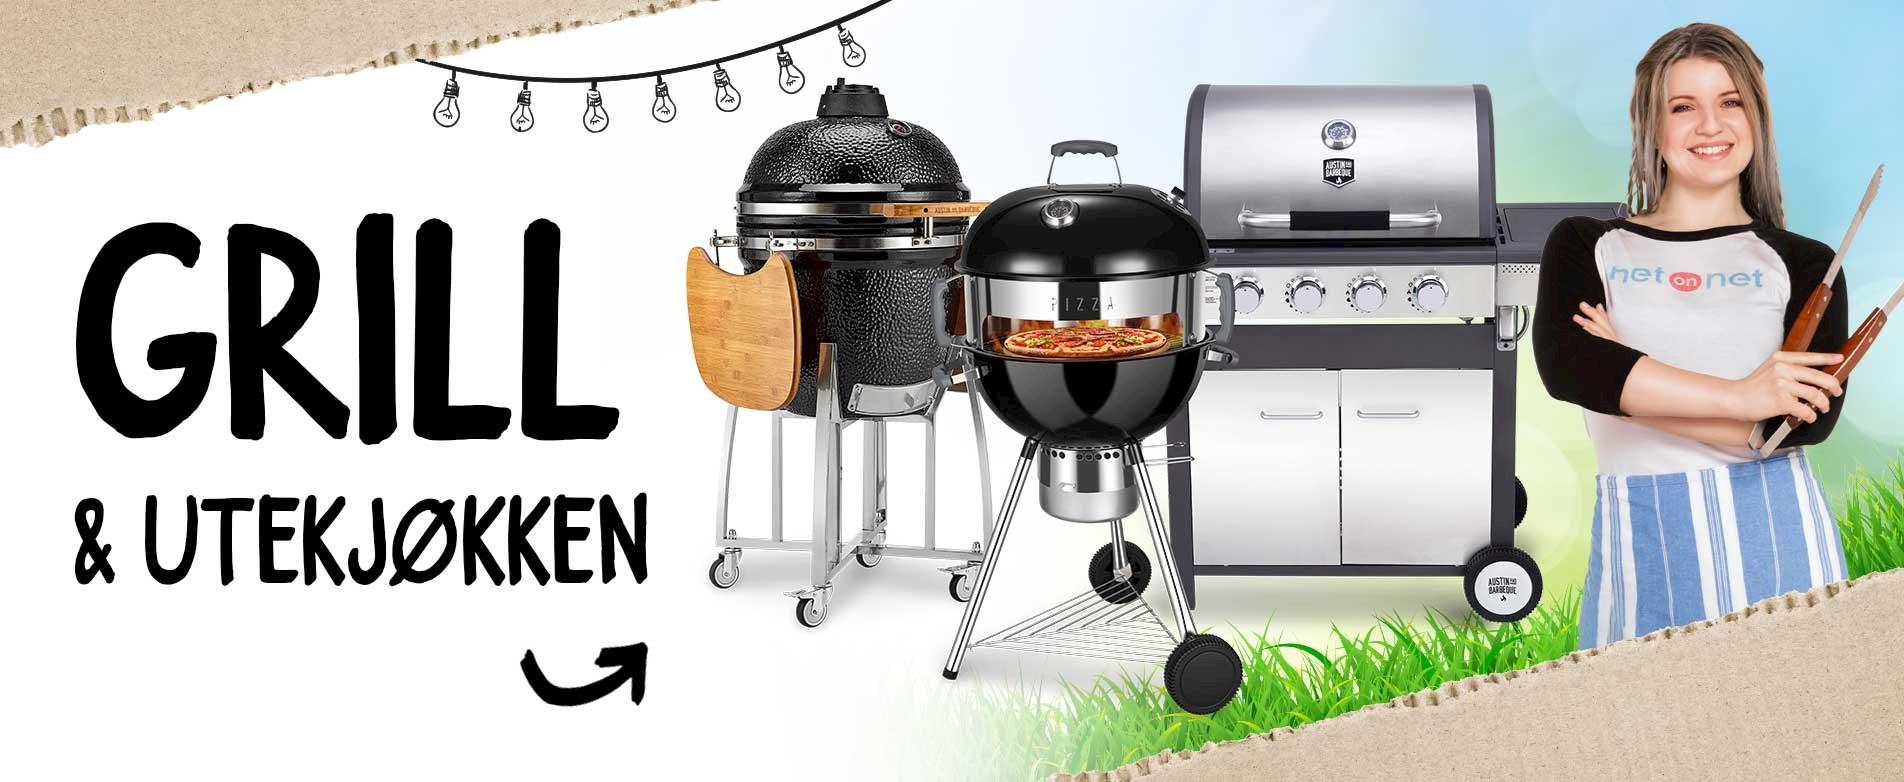 Bli en grillmester med produkter rett fra lagerhylla!